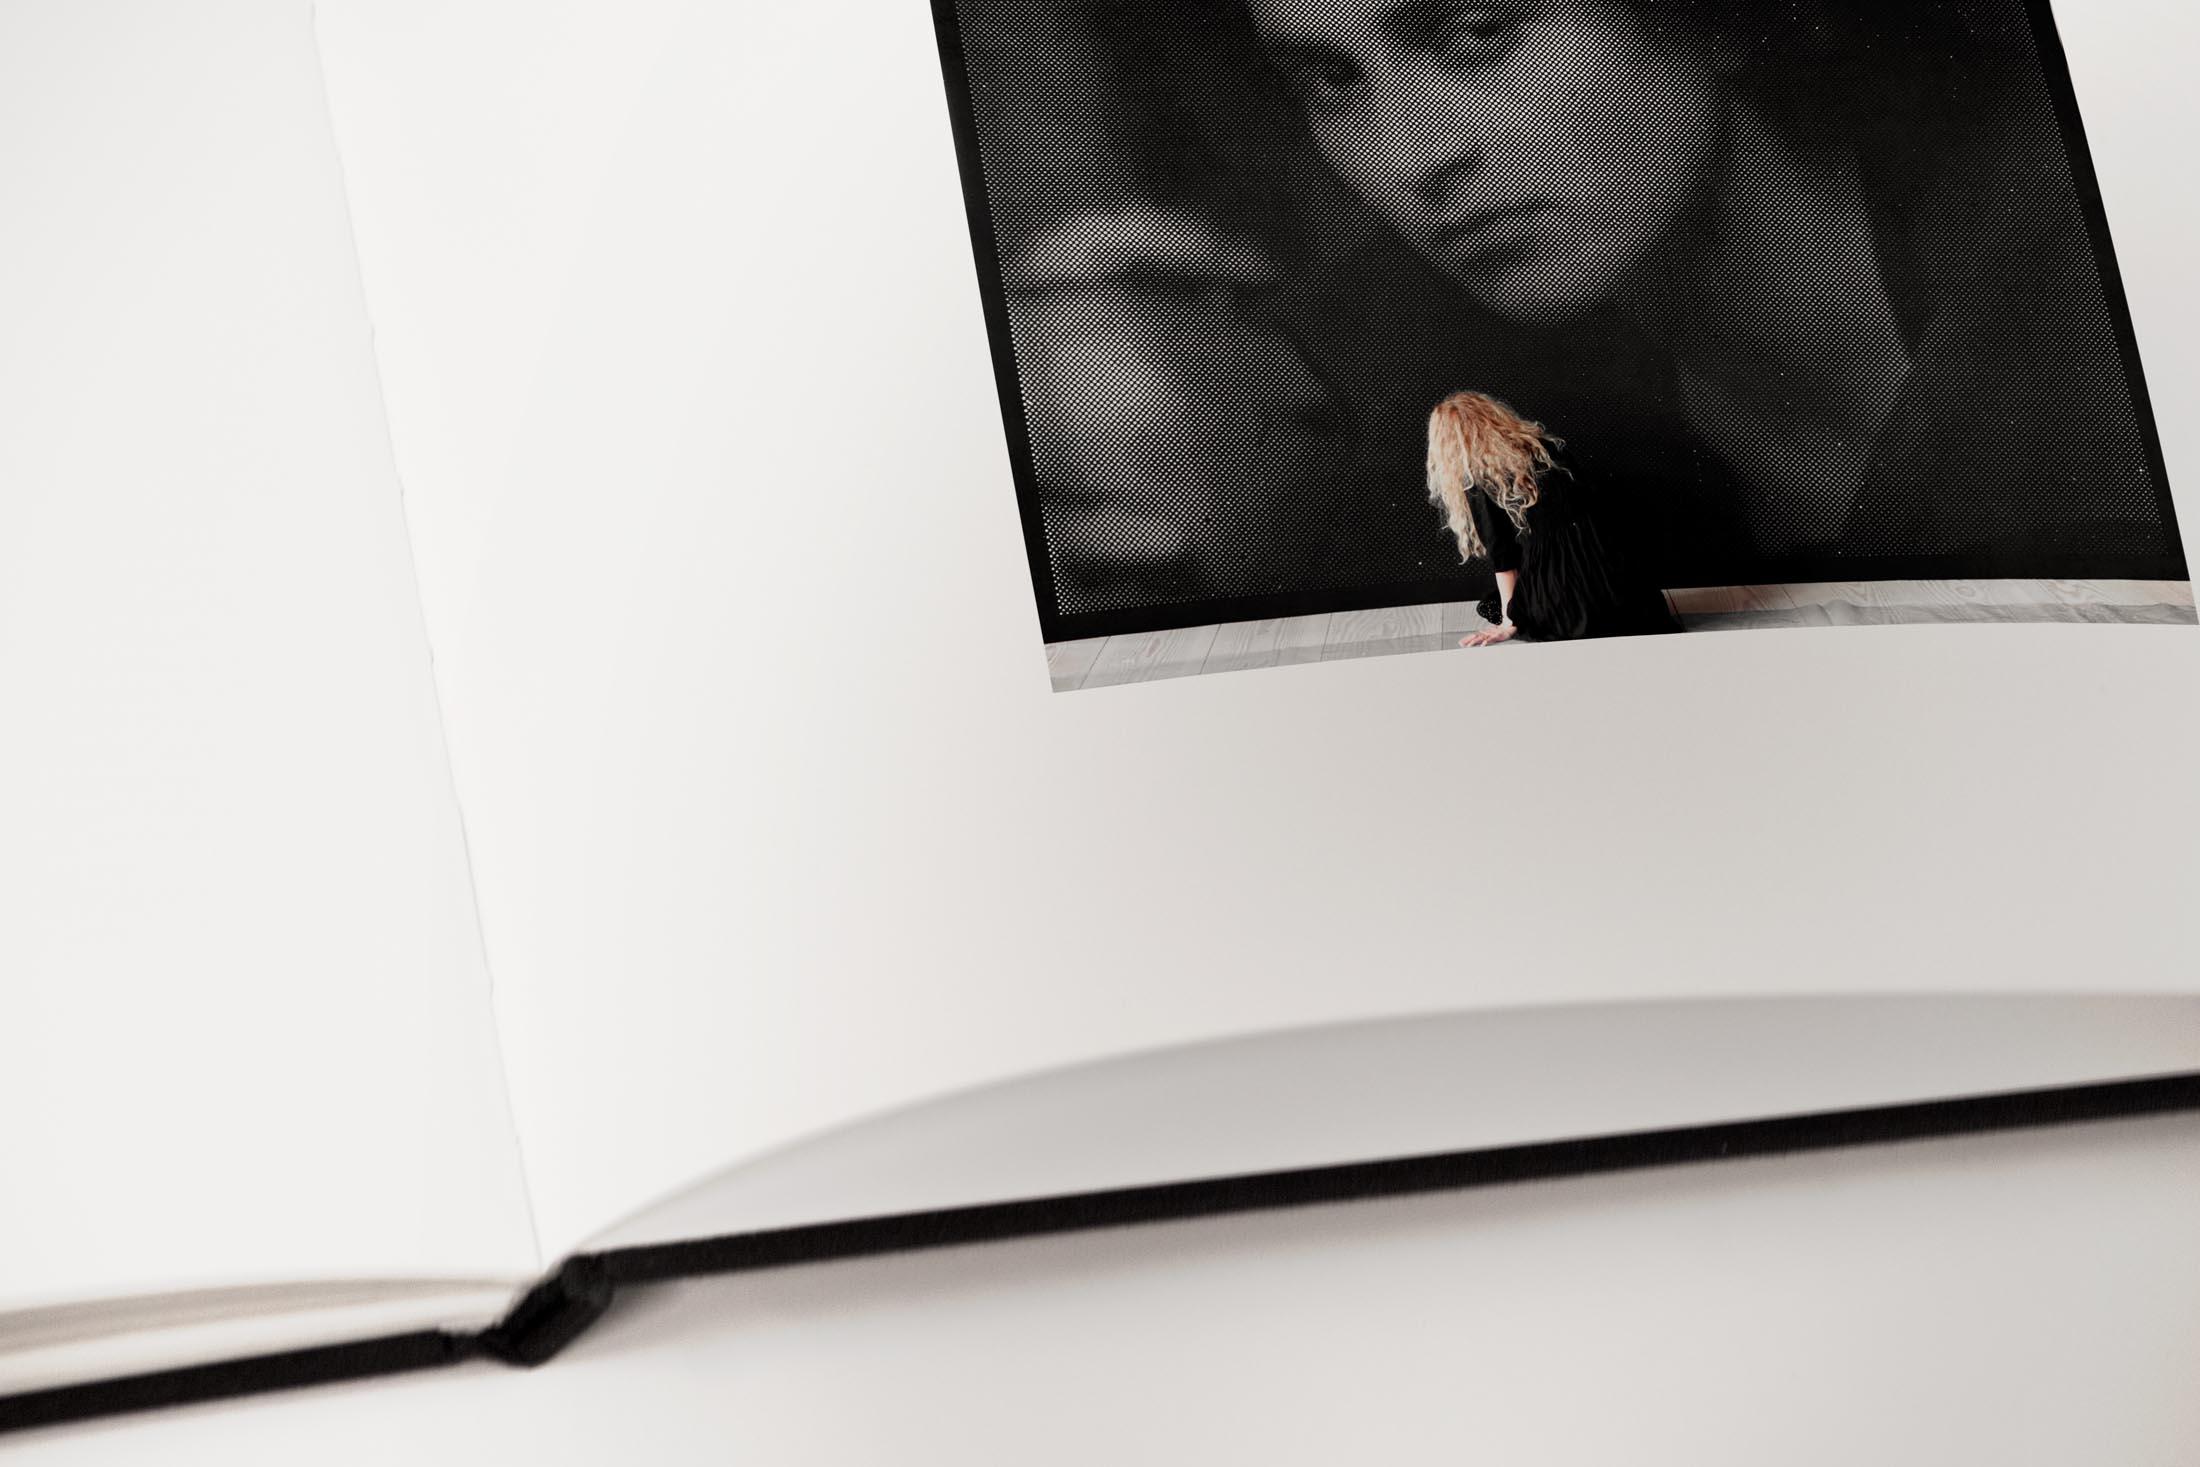 Anne-Karin Furunes - Shadows - particolare 1